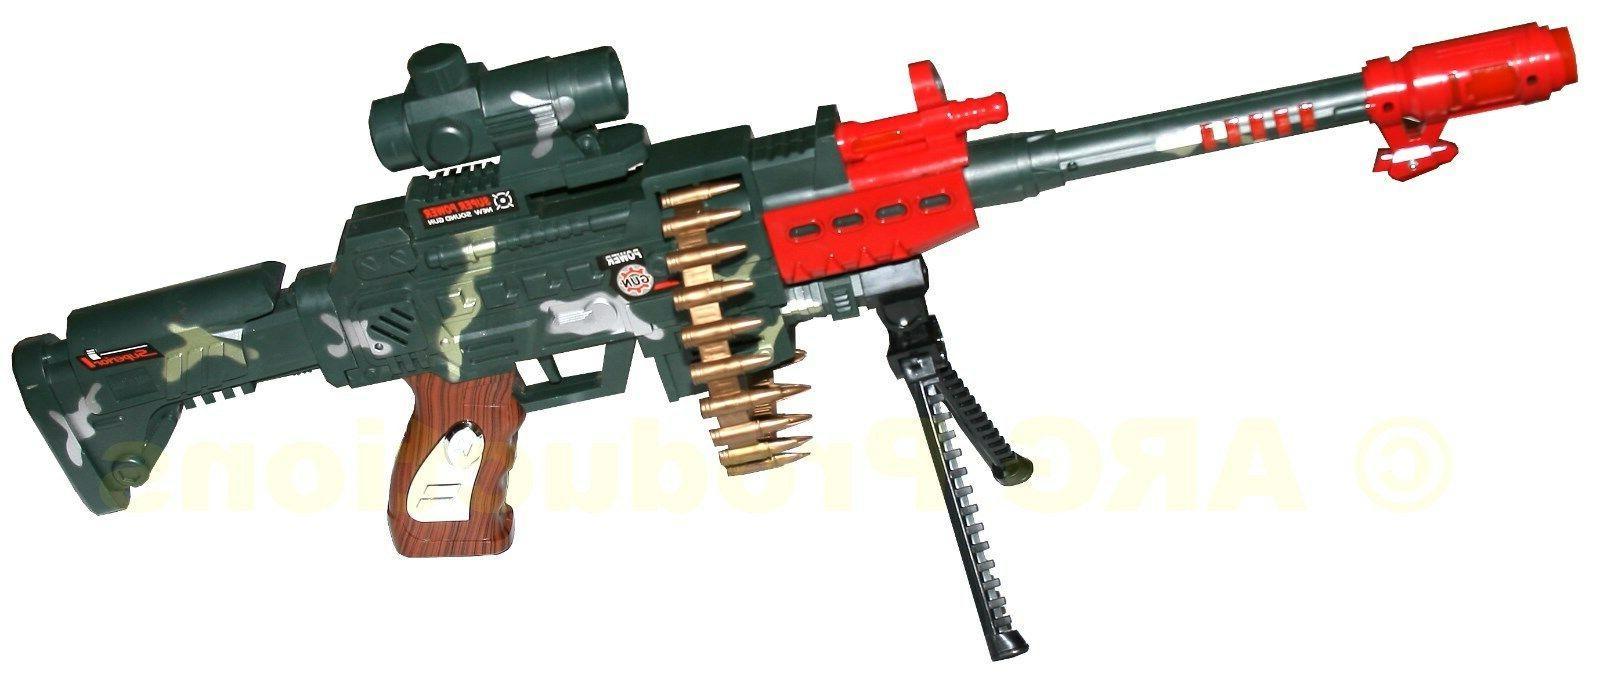 SOFT RIFLE CARBINE TOY KID BOY GUN GAME